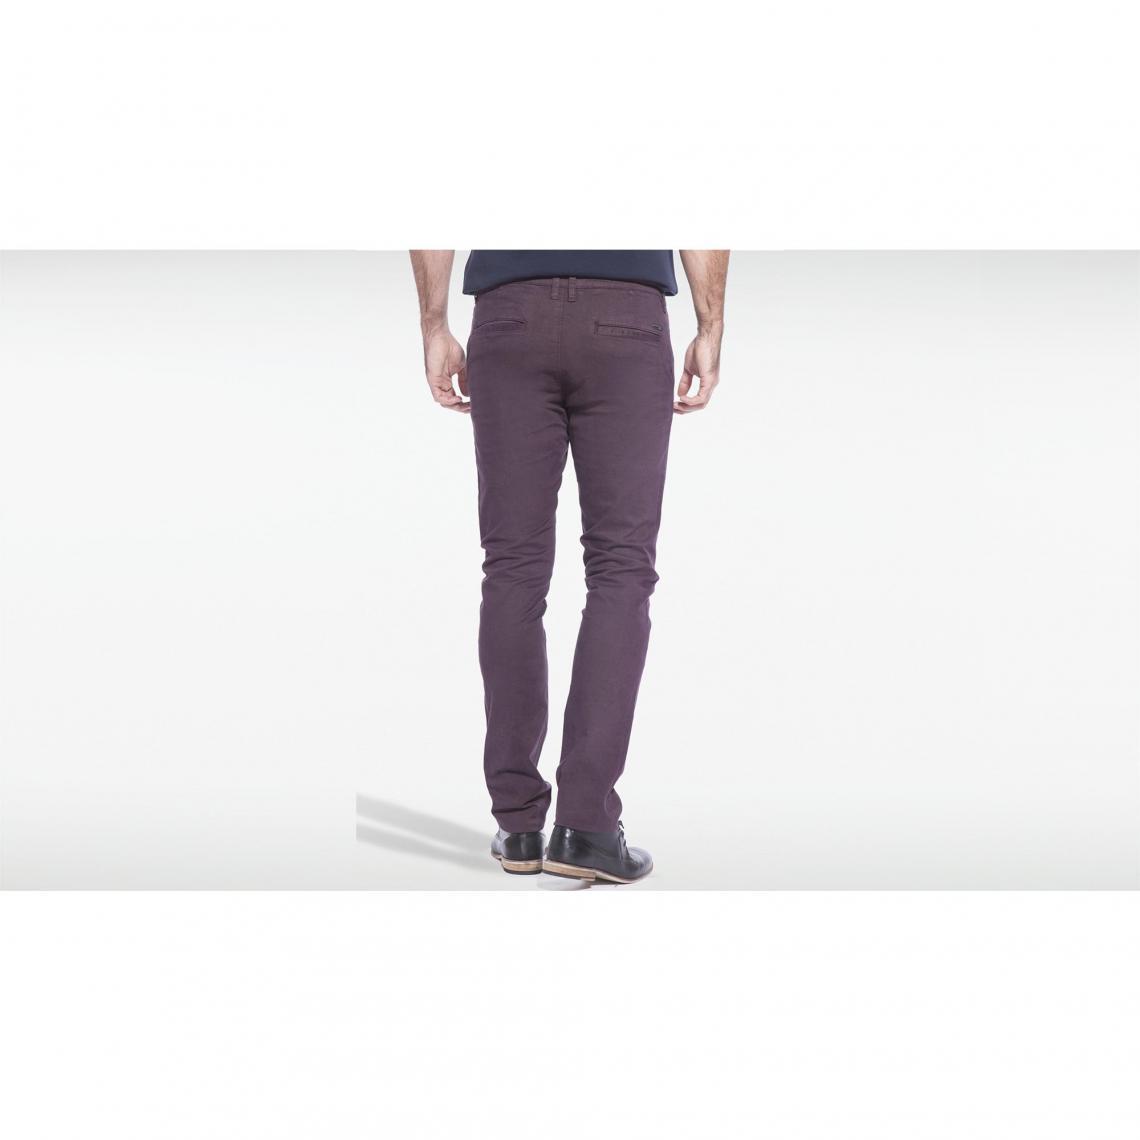 e528c26626c7 Pantalon chino uni Homme Bonobo